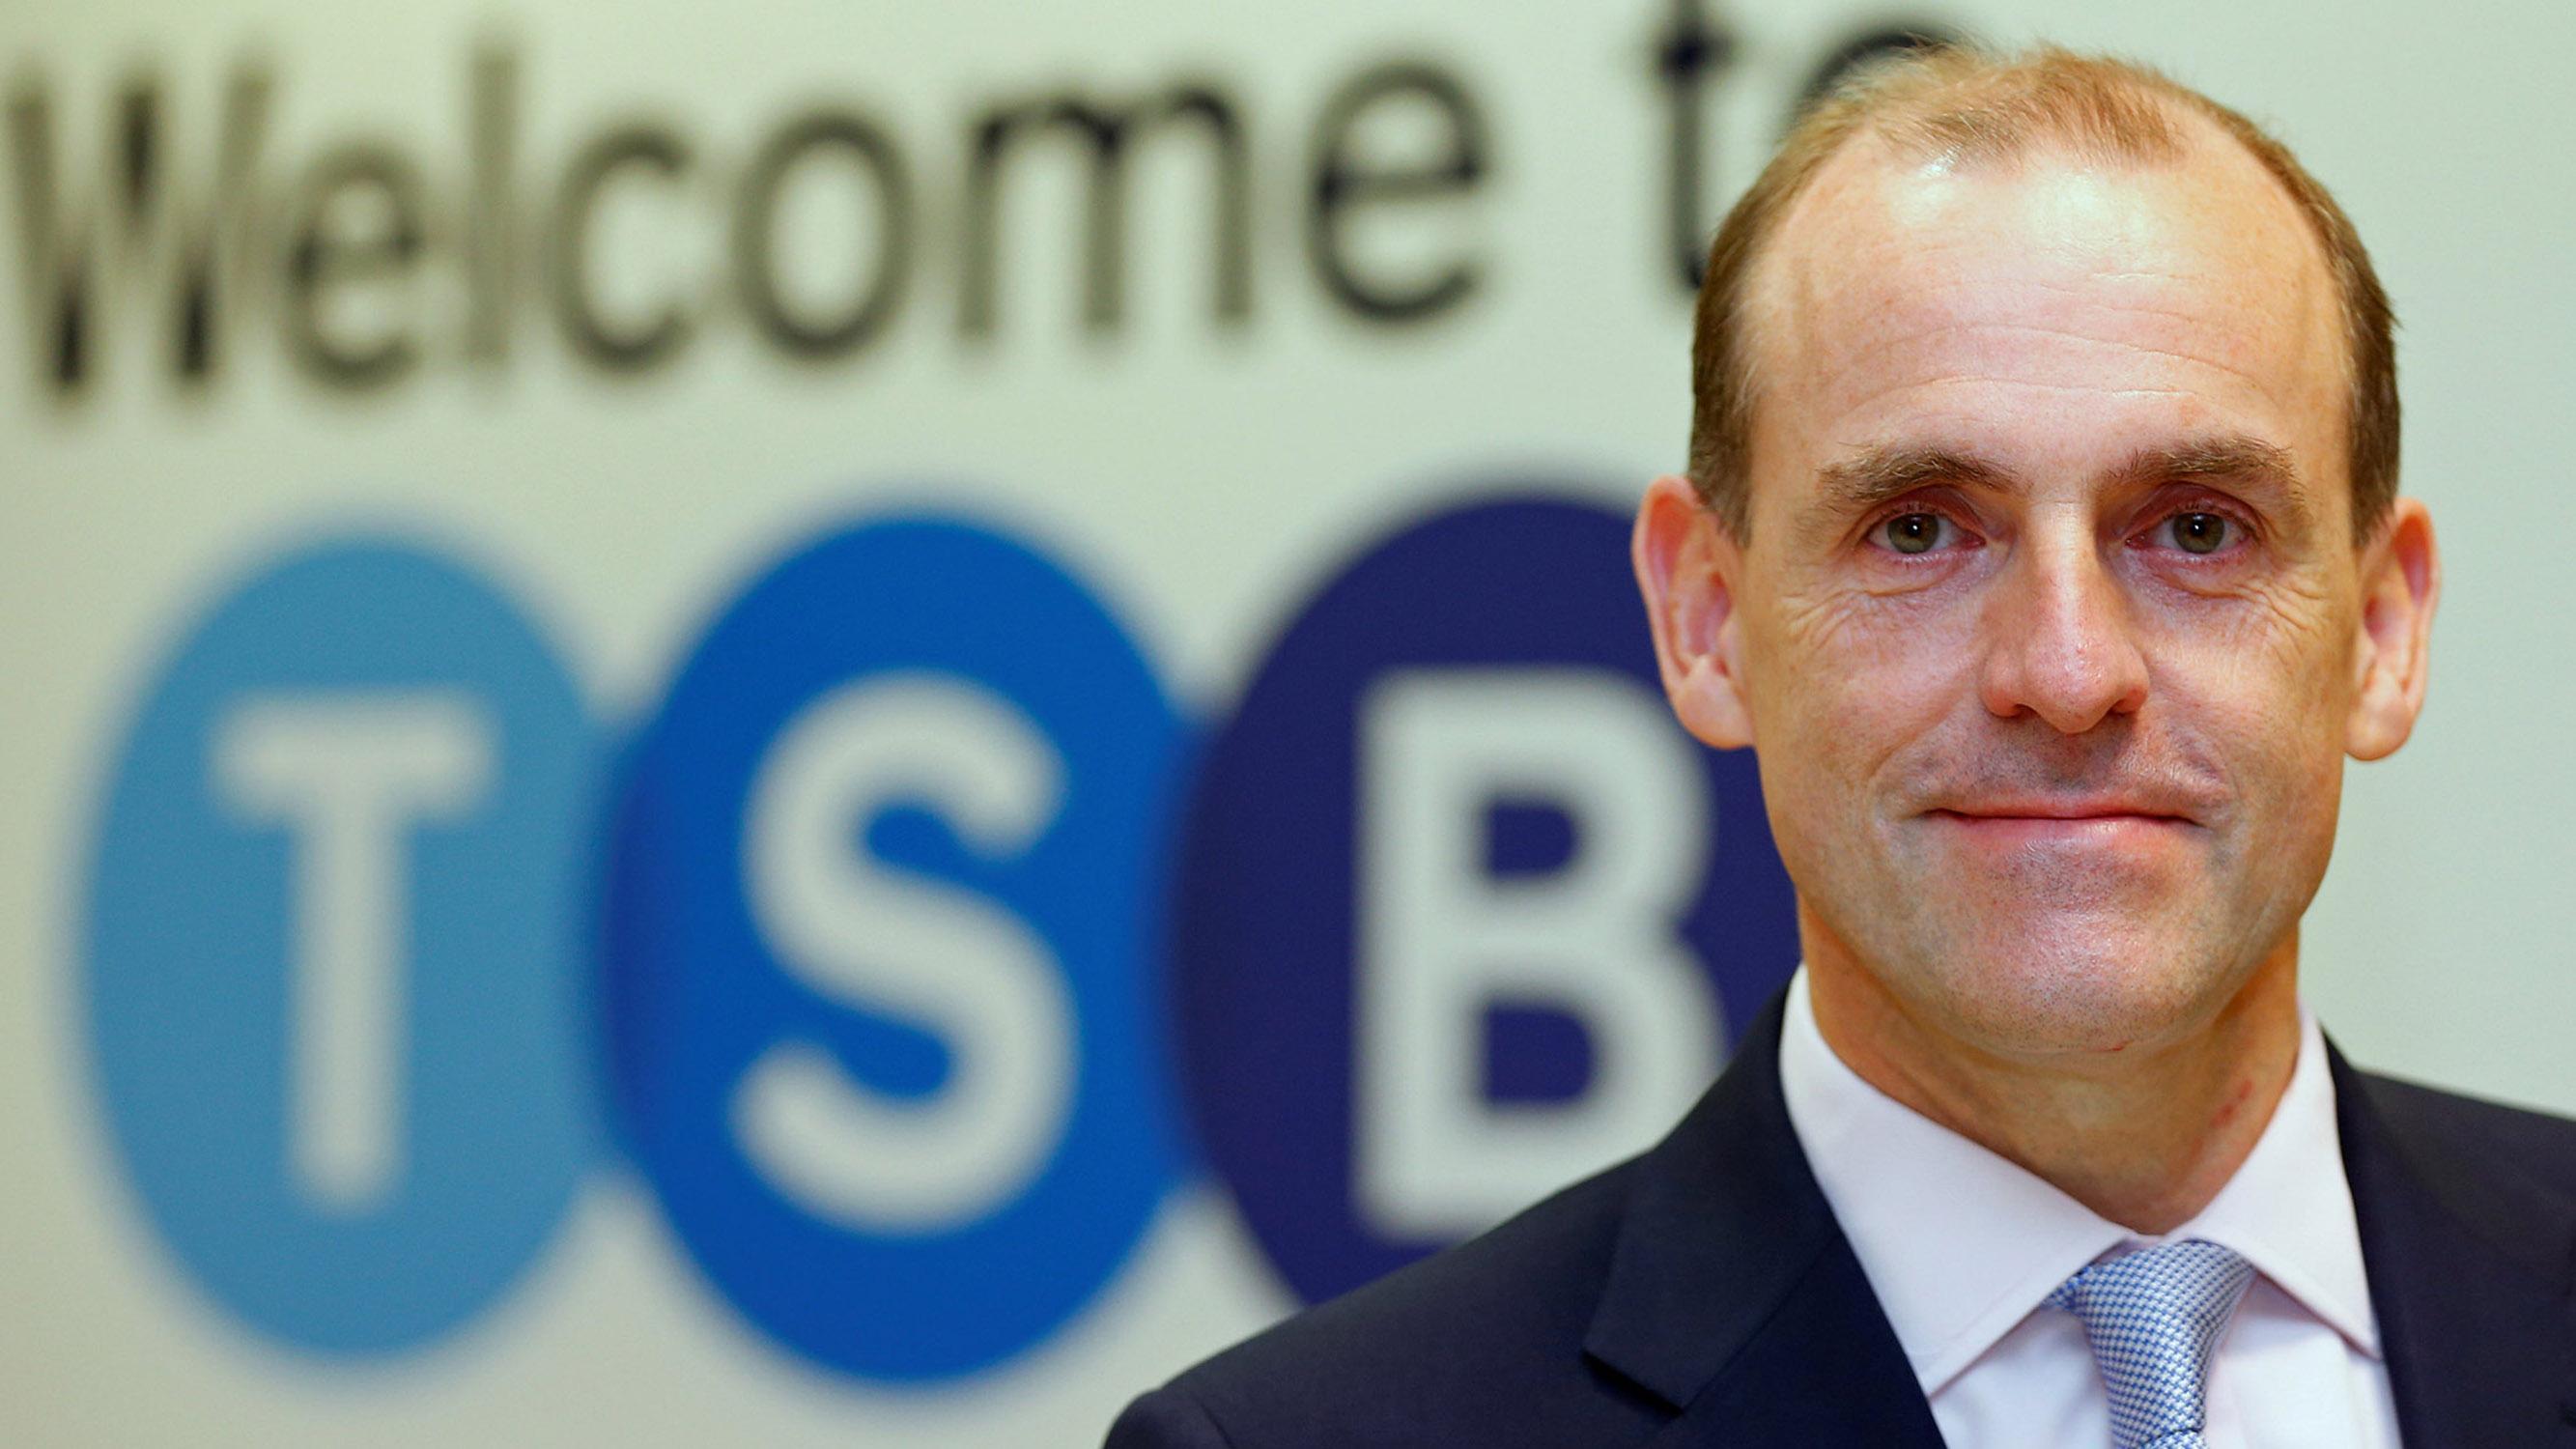 Revealed: how TSB's Spanish owner Sabadell sparked IT meltdown